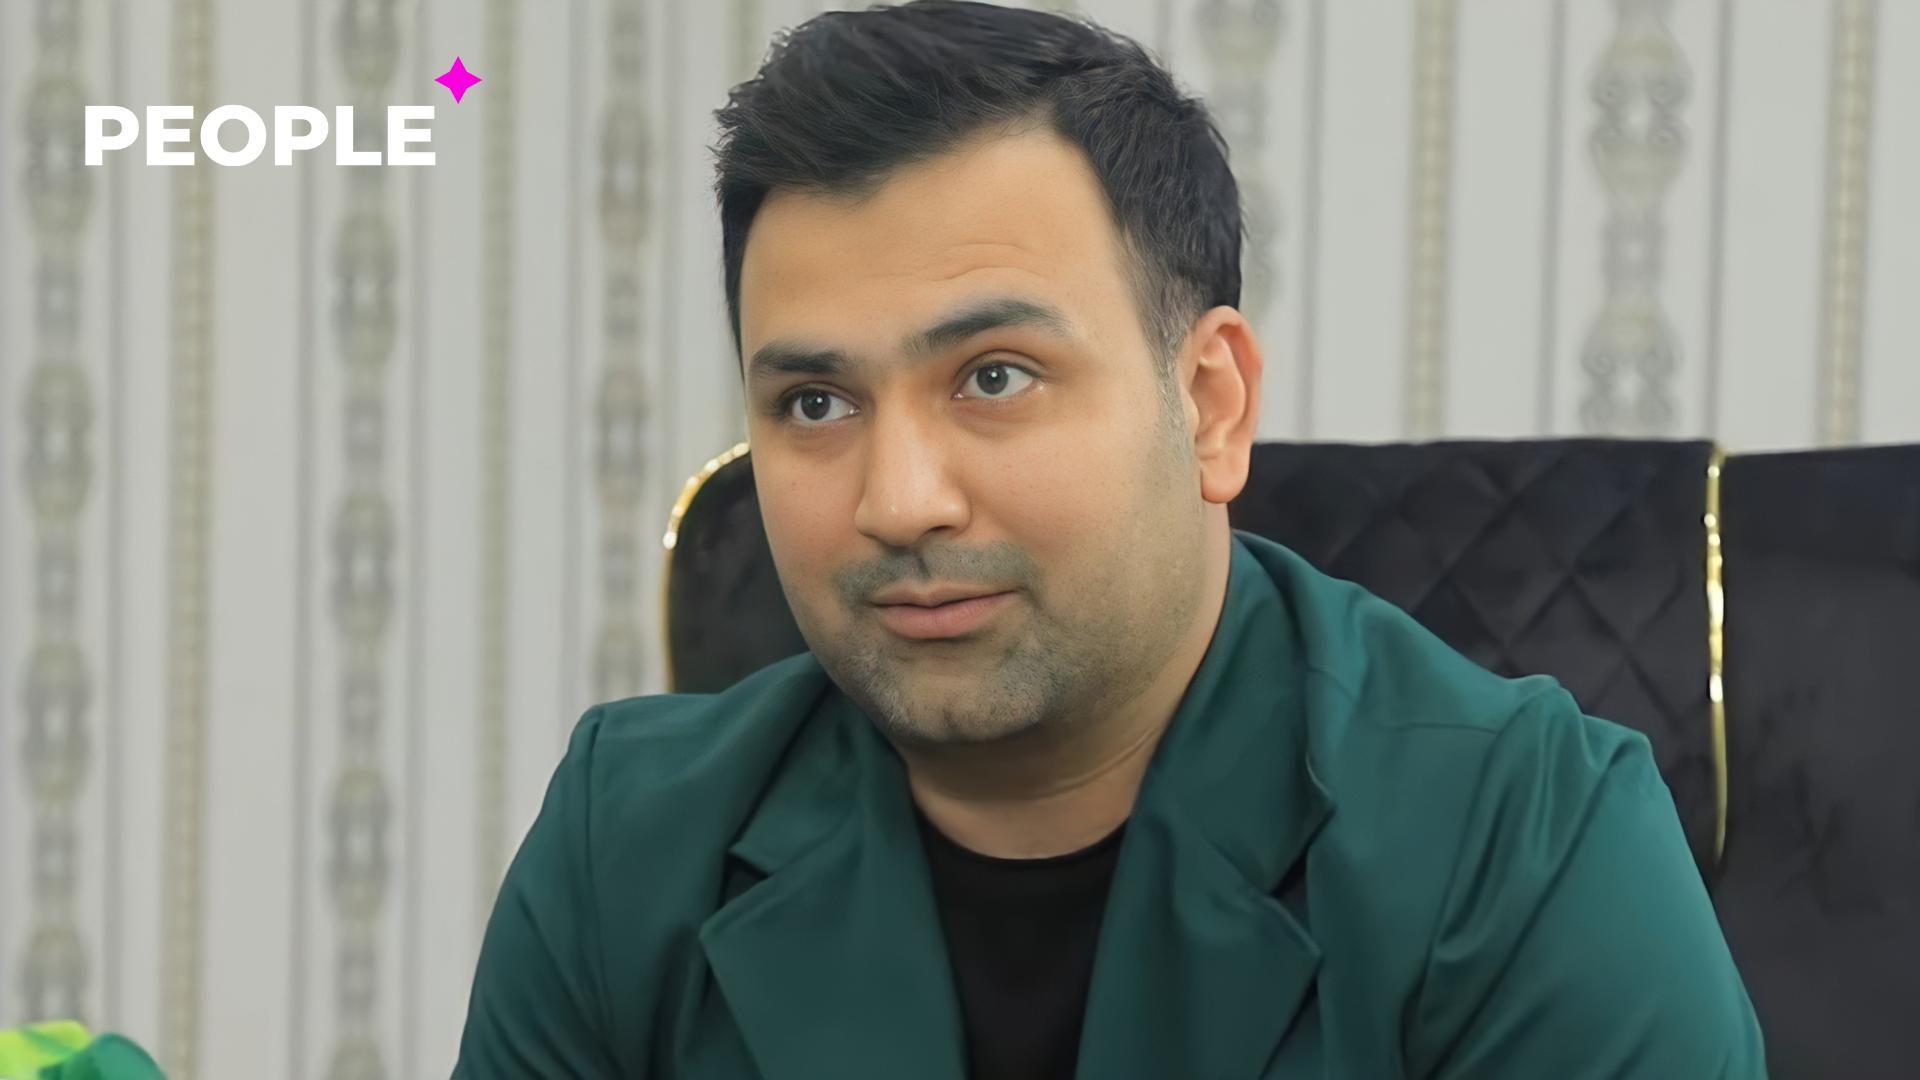 Певец Имран признался, что женился на девушке, которая младше него на 12 лет